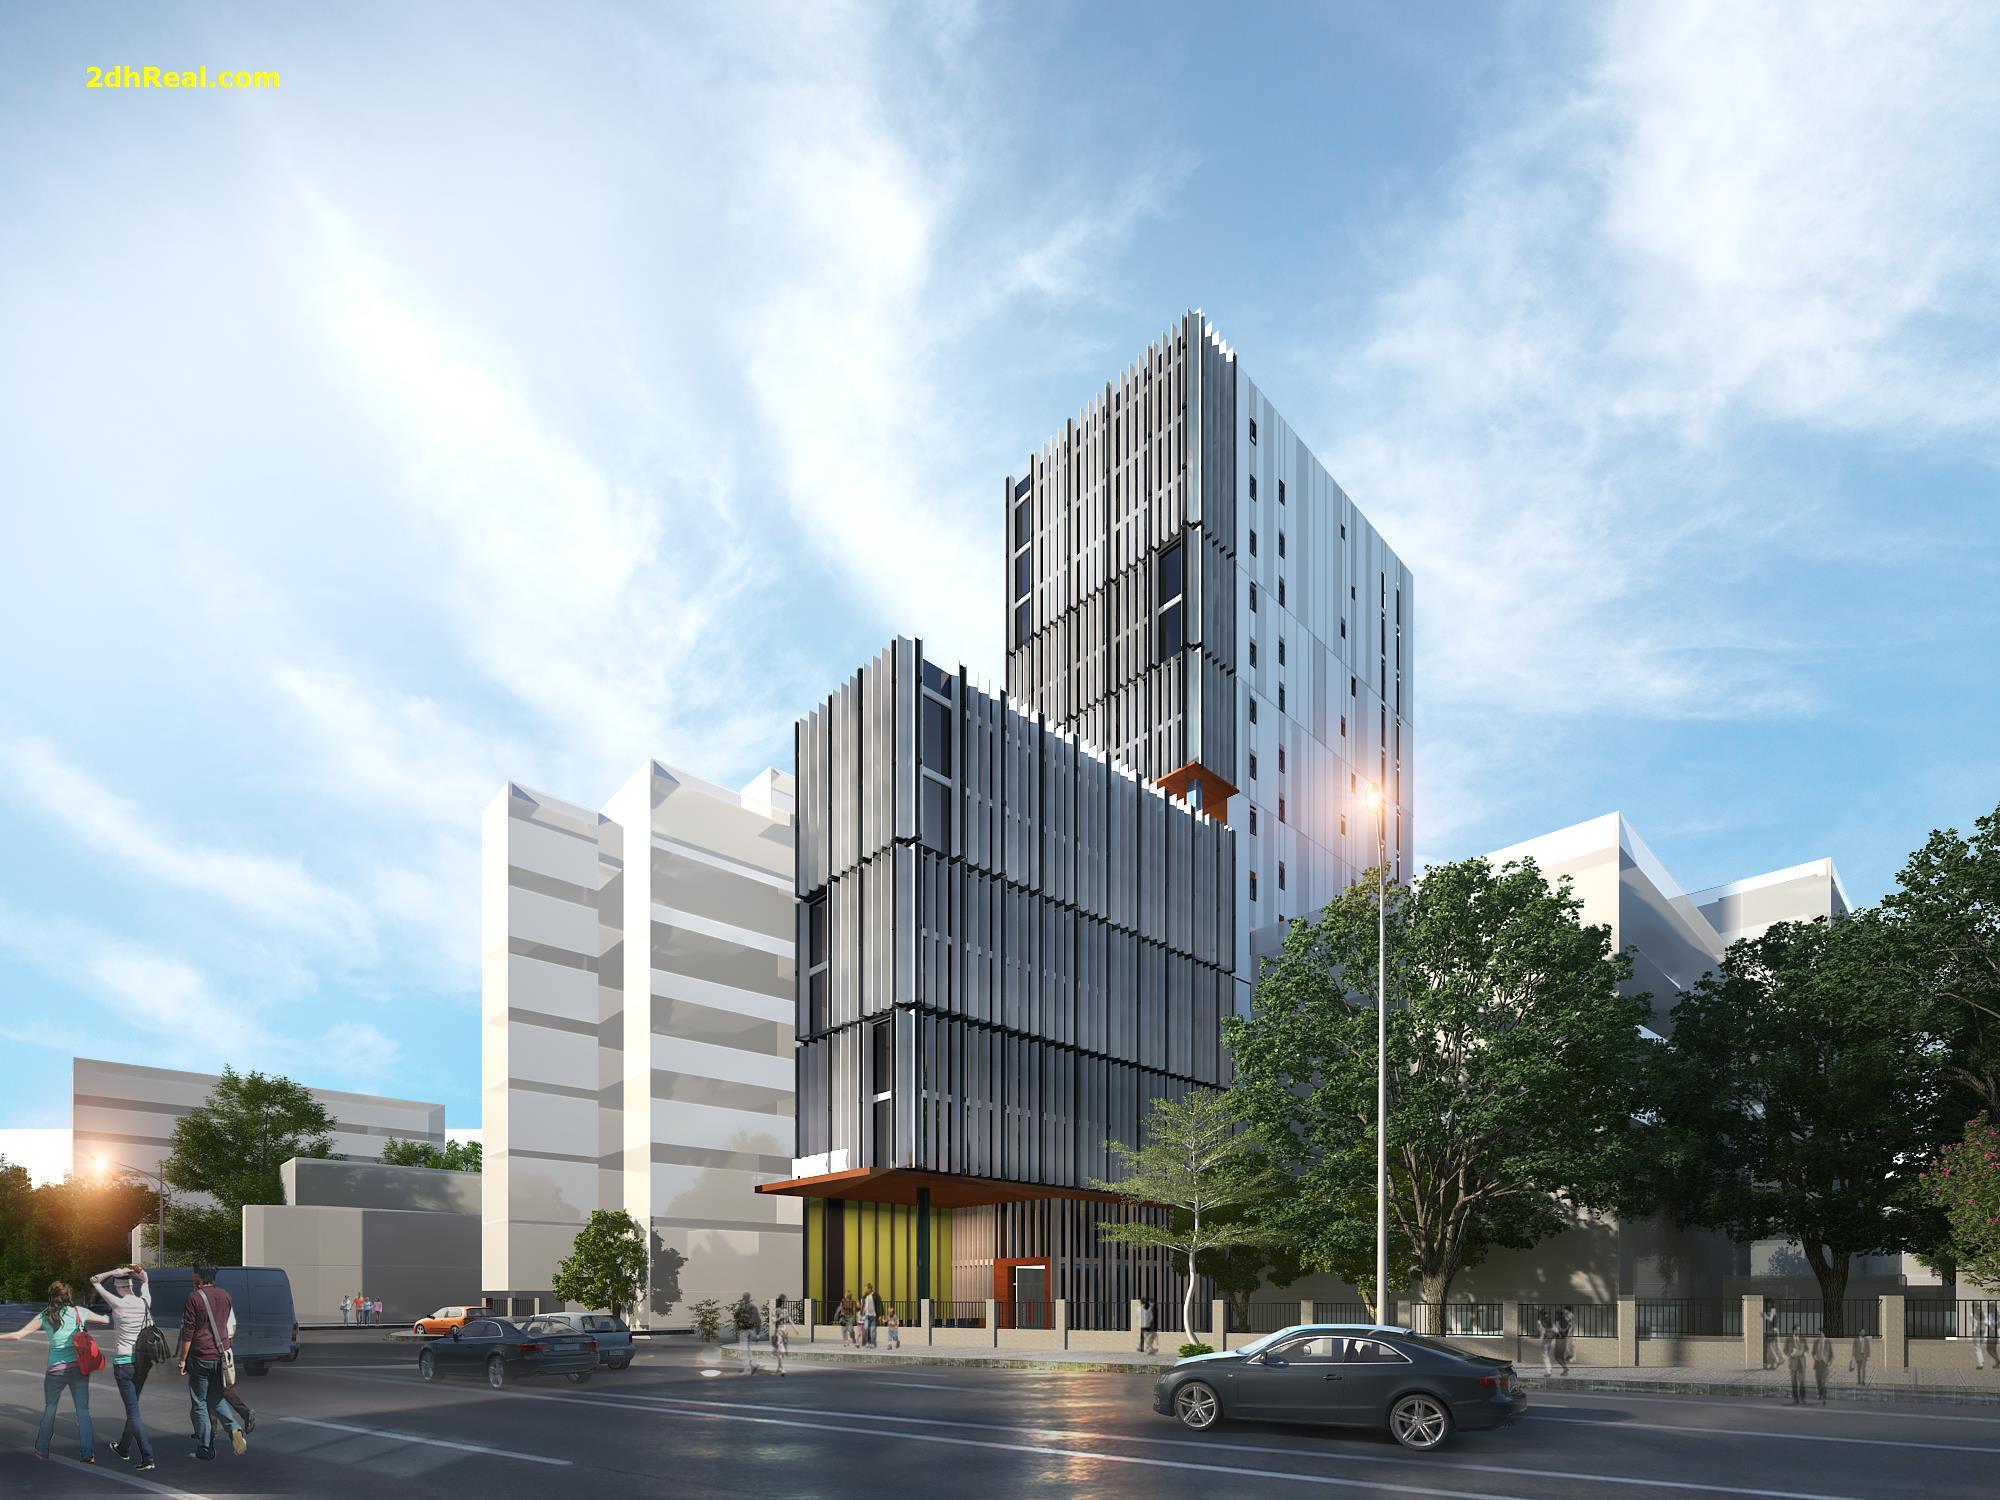 Bán cao ốc văn phòng số 3B Lý Tự Trọng, Phường Bến Nghé, Quận 1, Tp.HCM